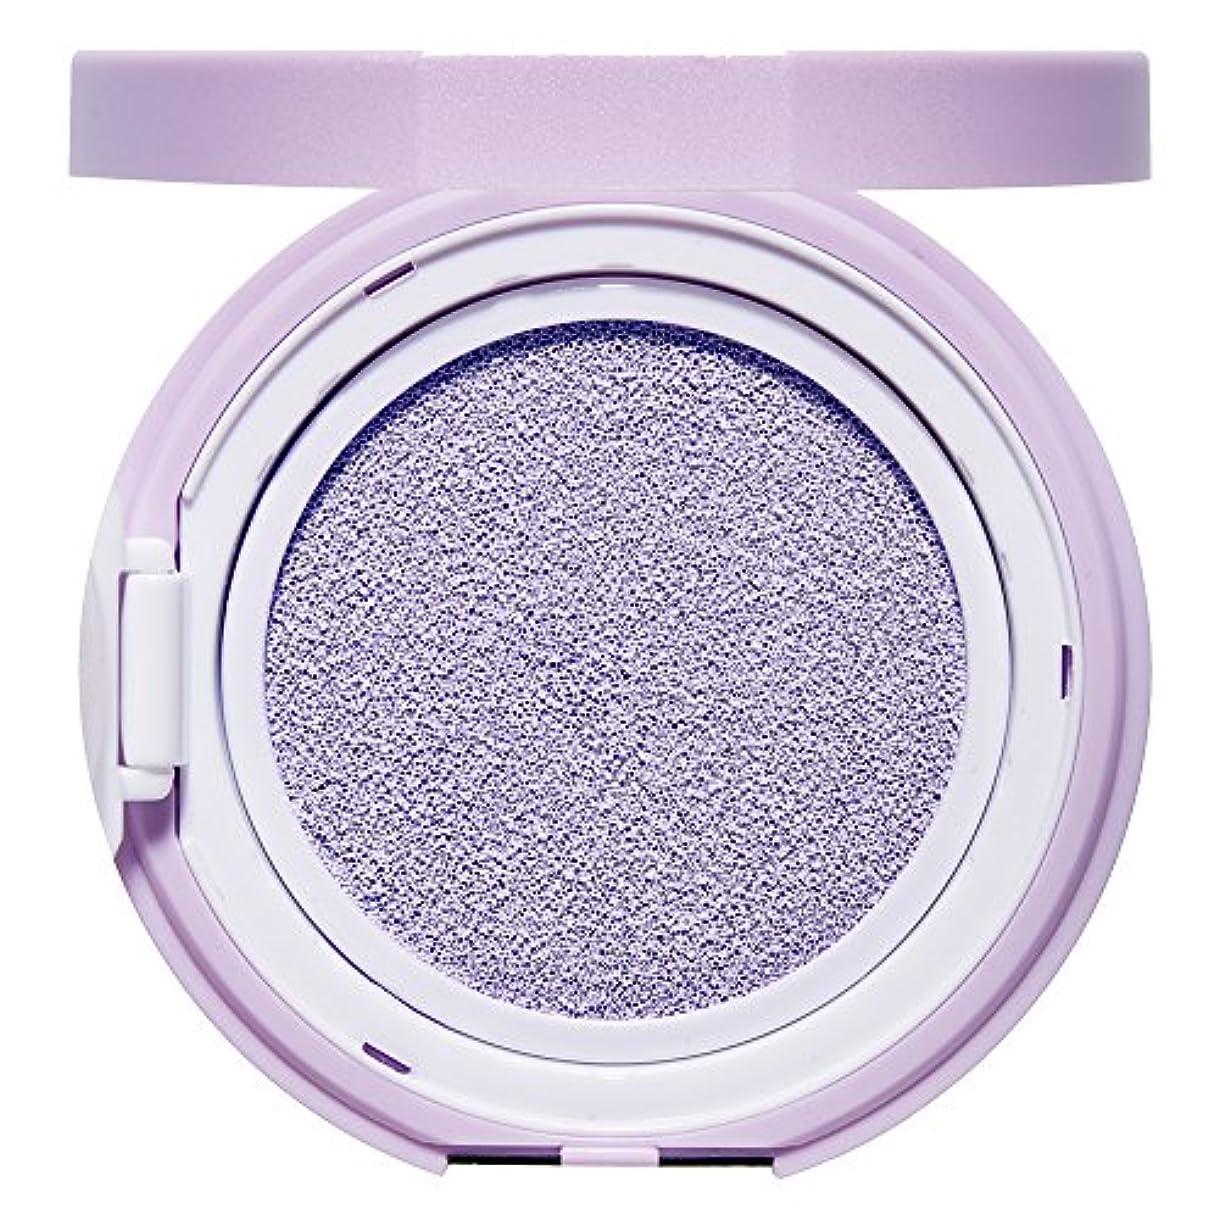 池評議会ケージエチュードハウス(ETUDE HOUSE) エニークッション カラーコレクター Lavender